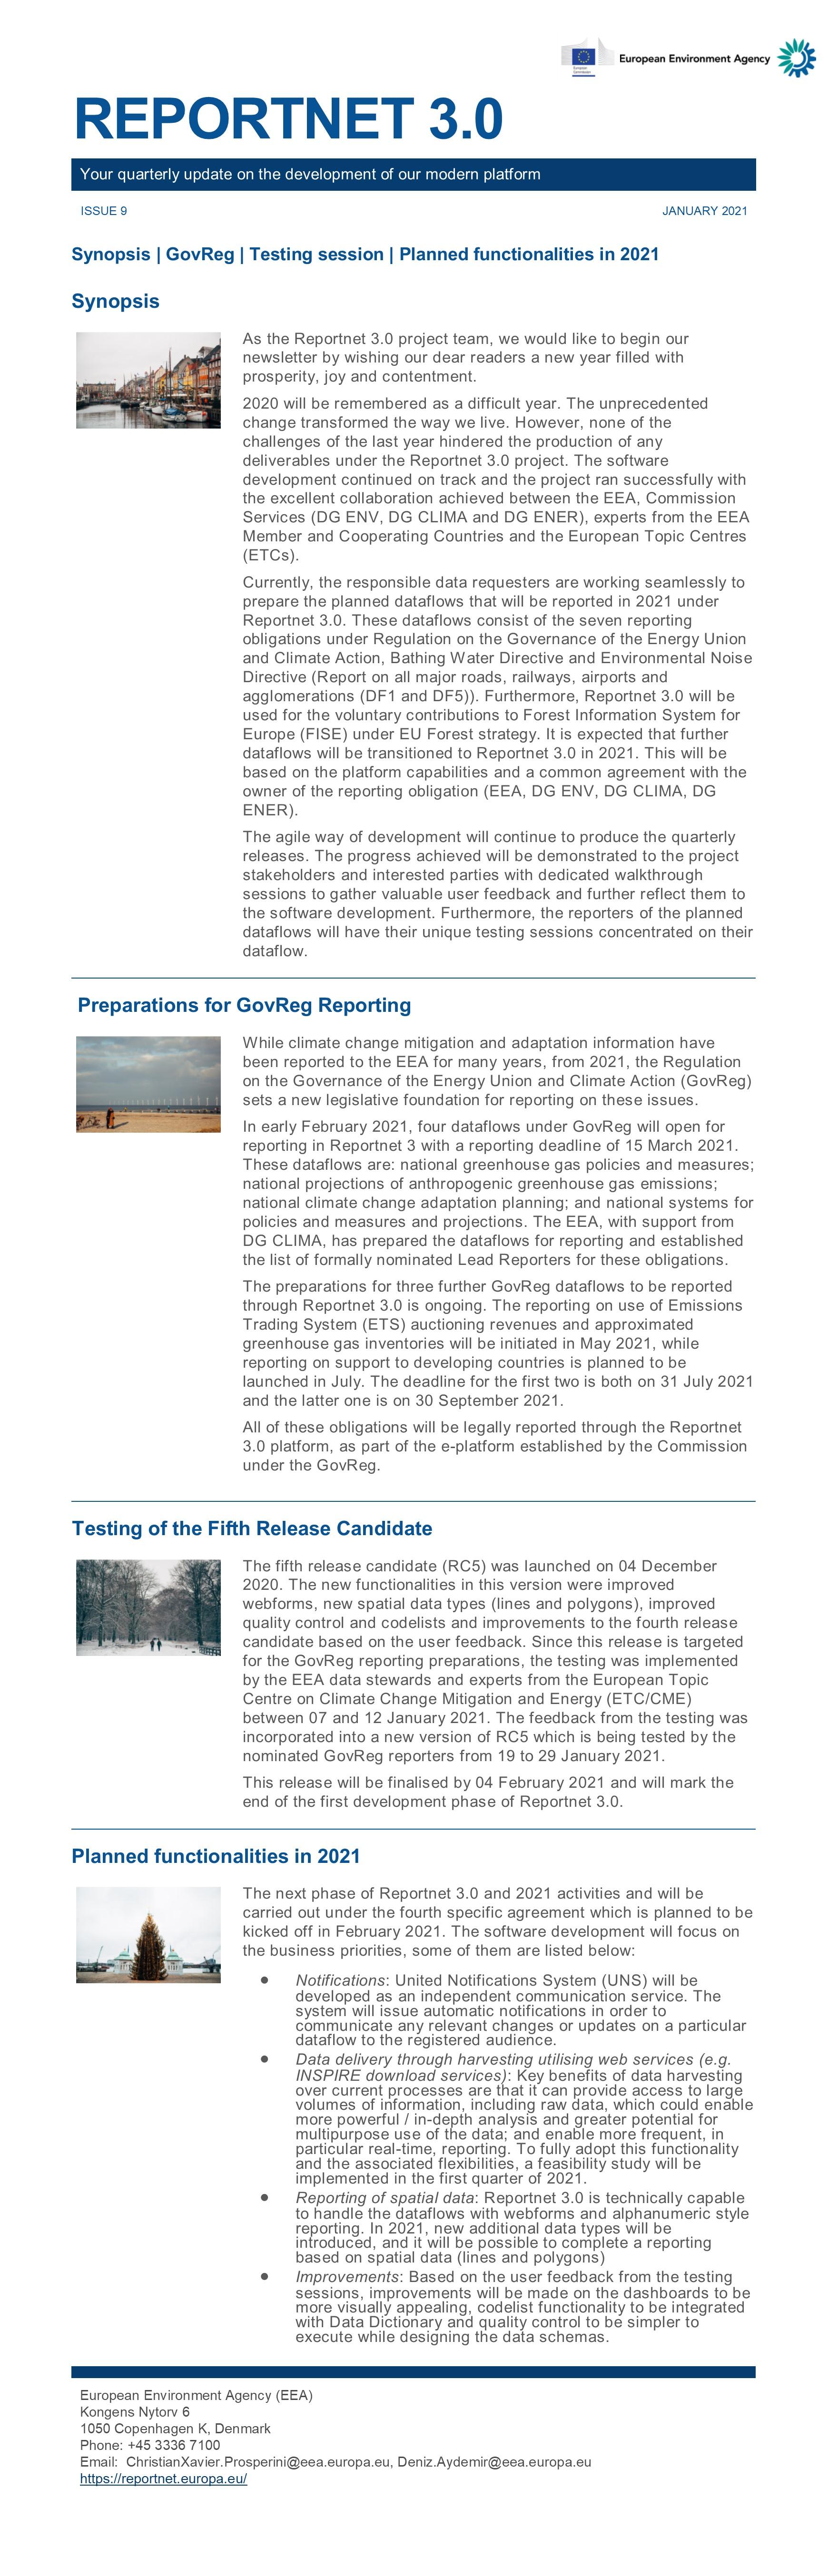 Newsletter - 9.jpg